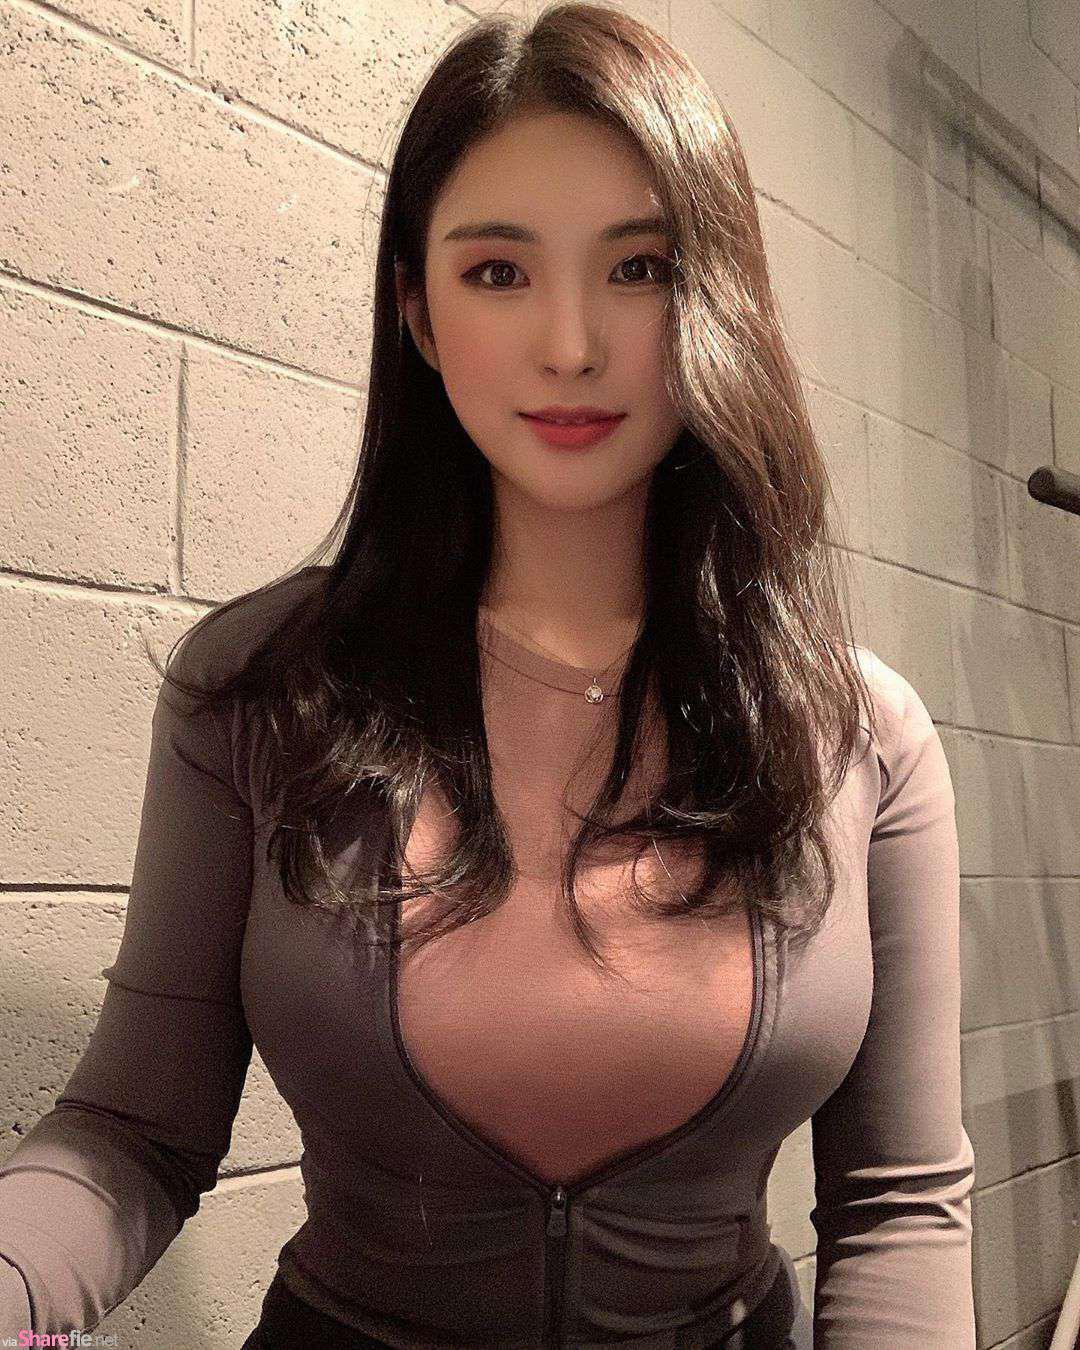 韩国健身姐姐,运动衣包紧紧曲线让人受不了